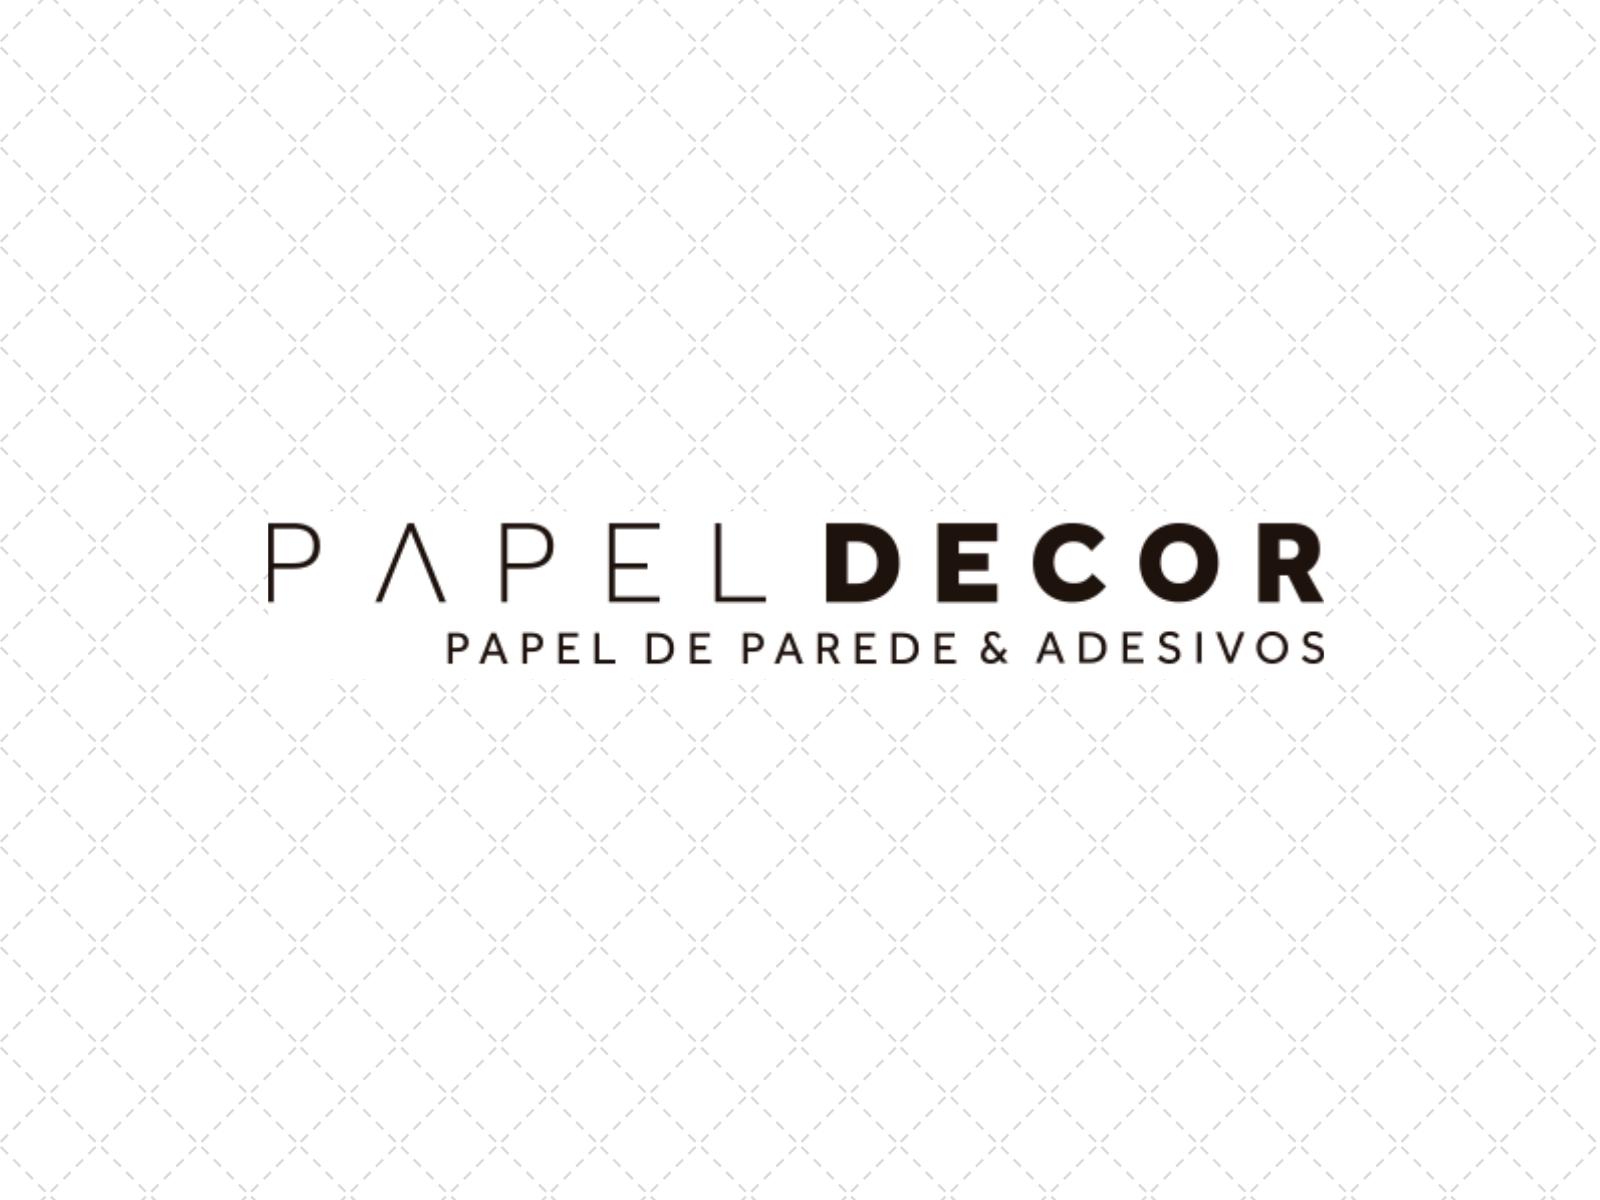 Papel decor – Papel de parede